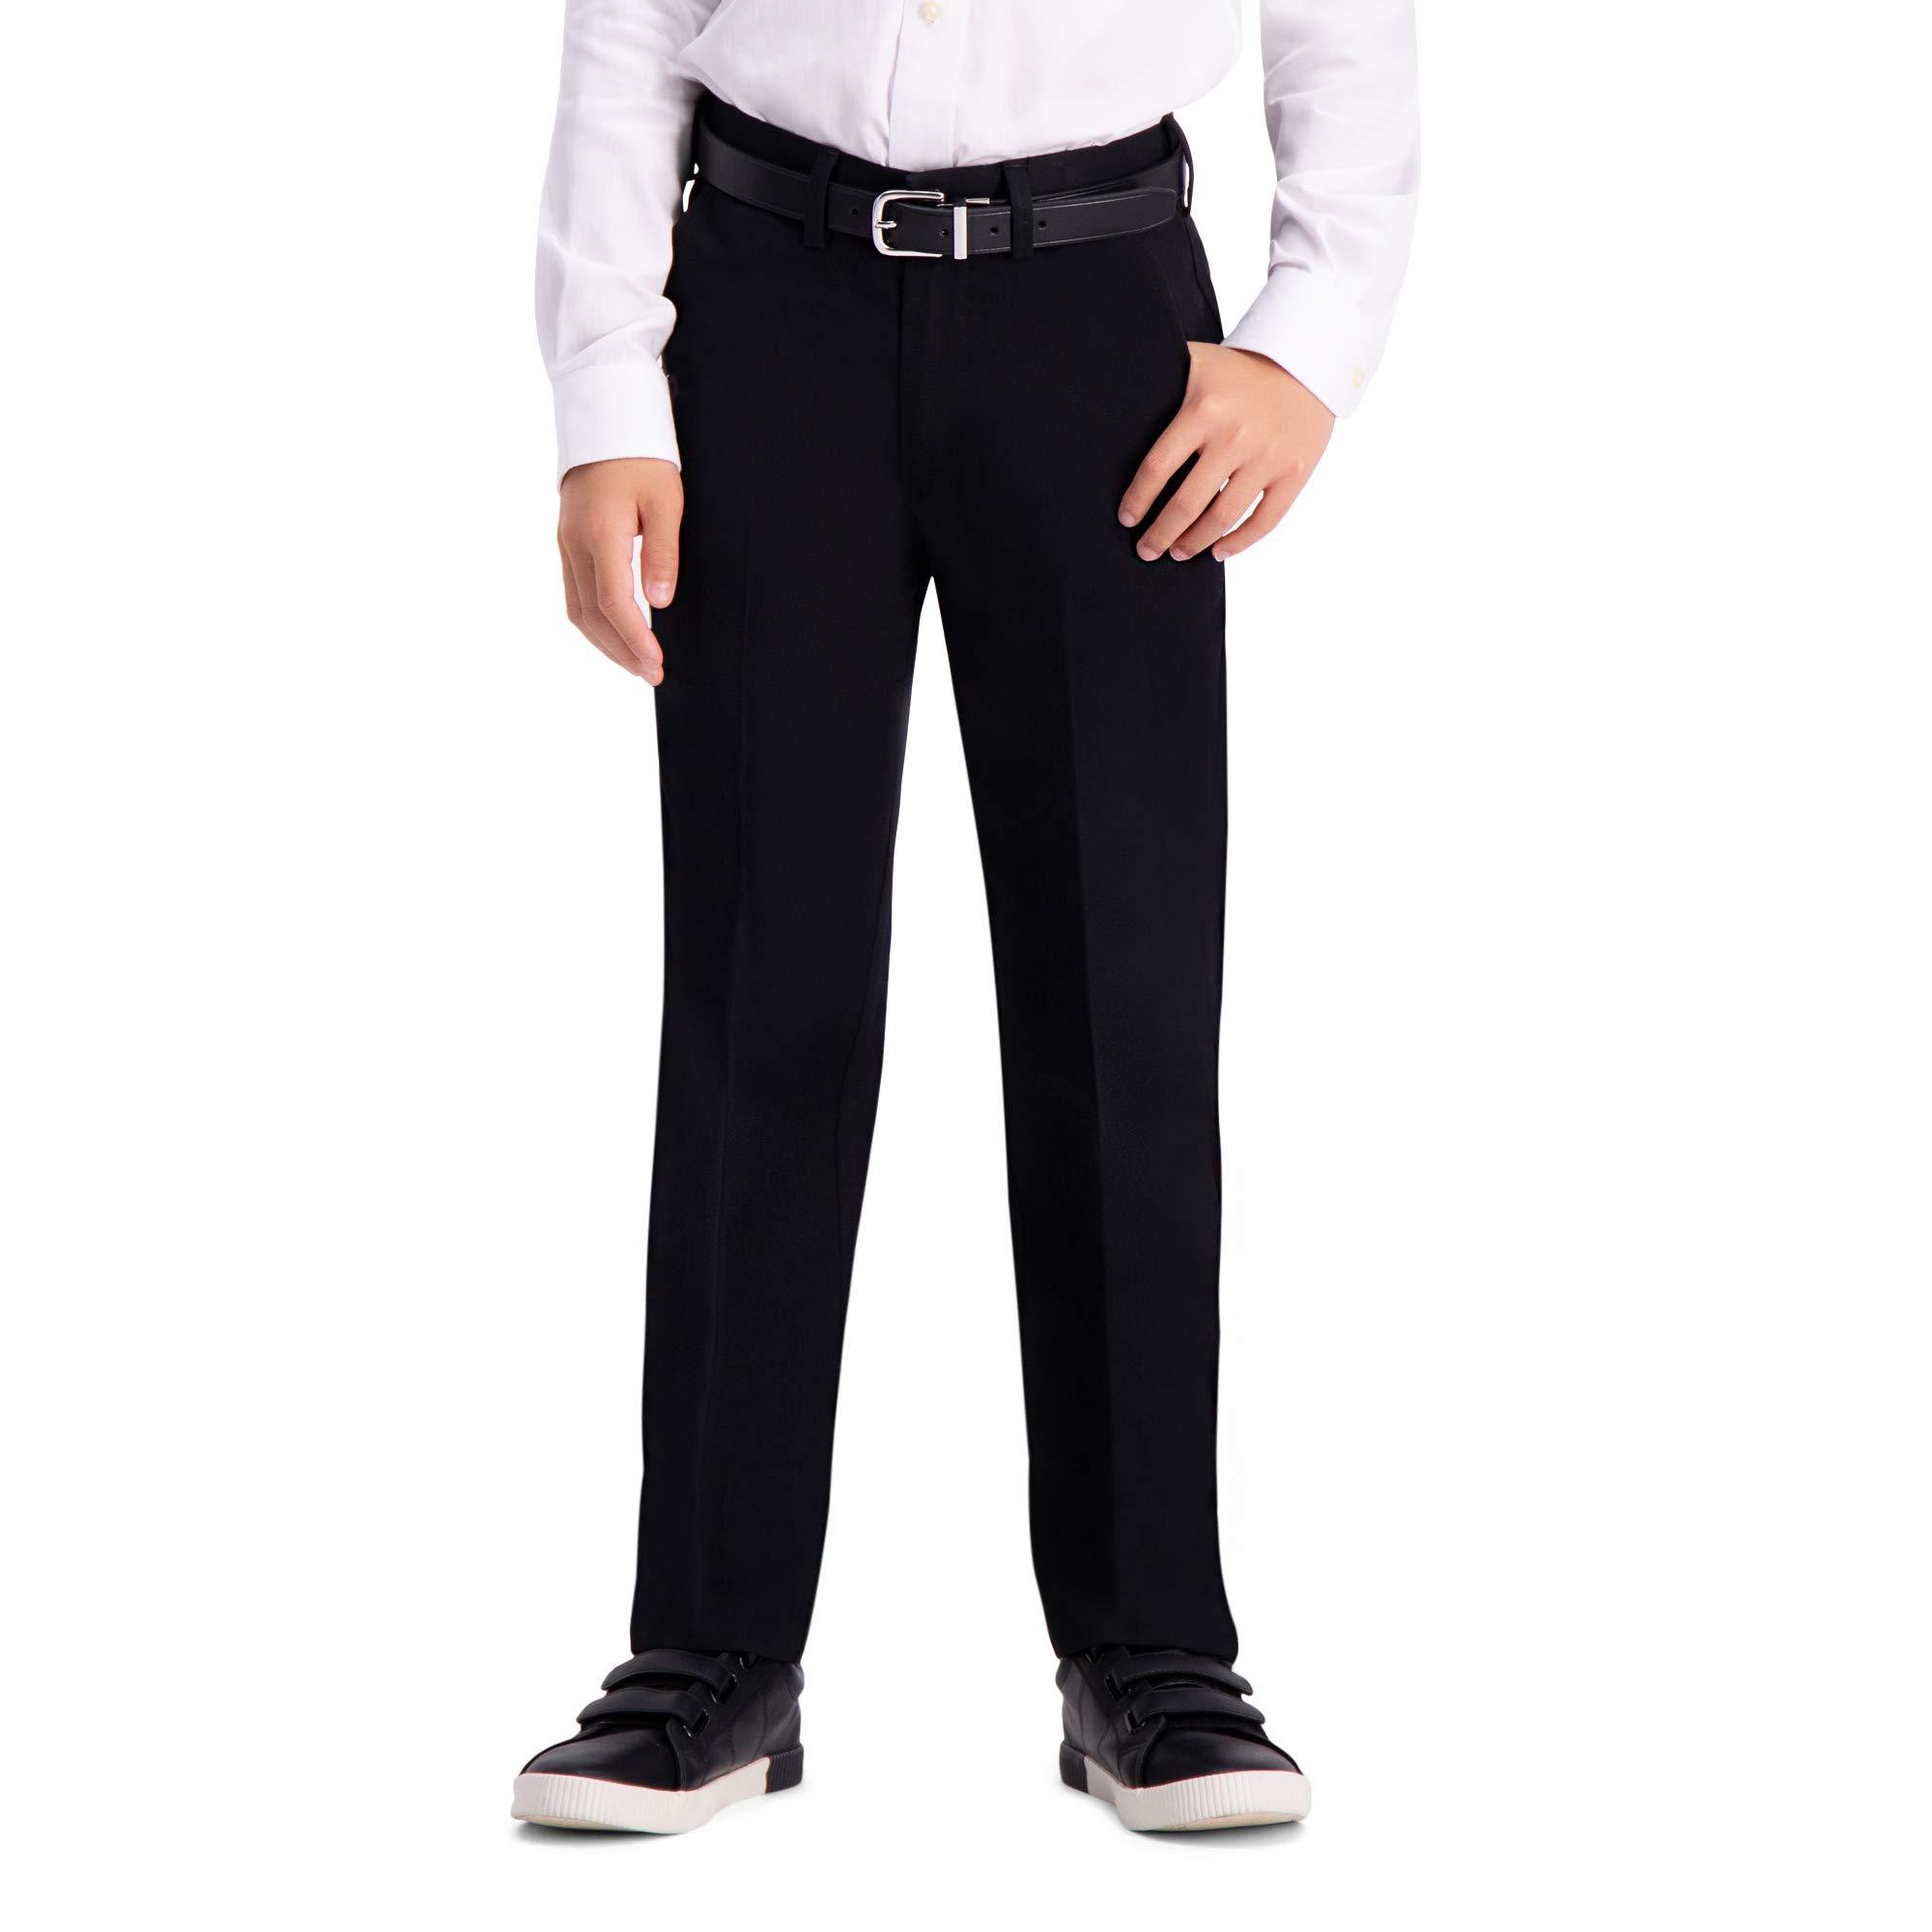 Haggar Big Boy's Youth Regular 8-20 Premium No Iron Khaki Pant, Black, 12 REG